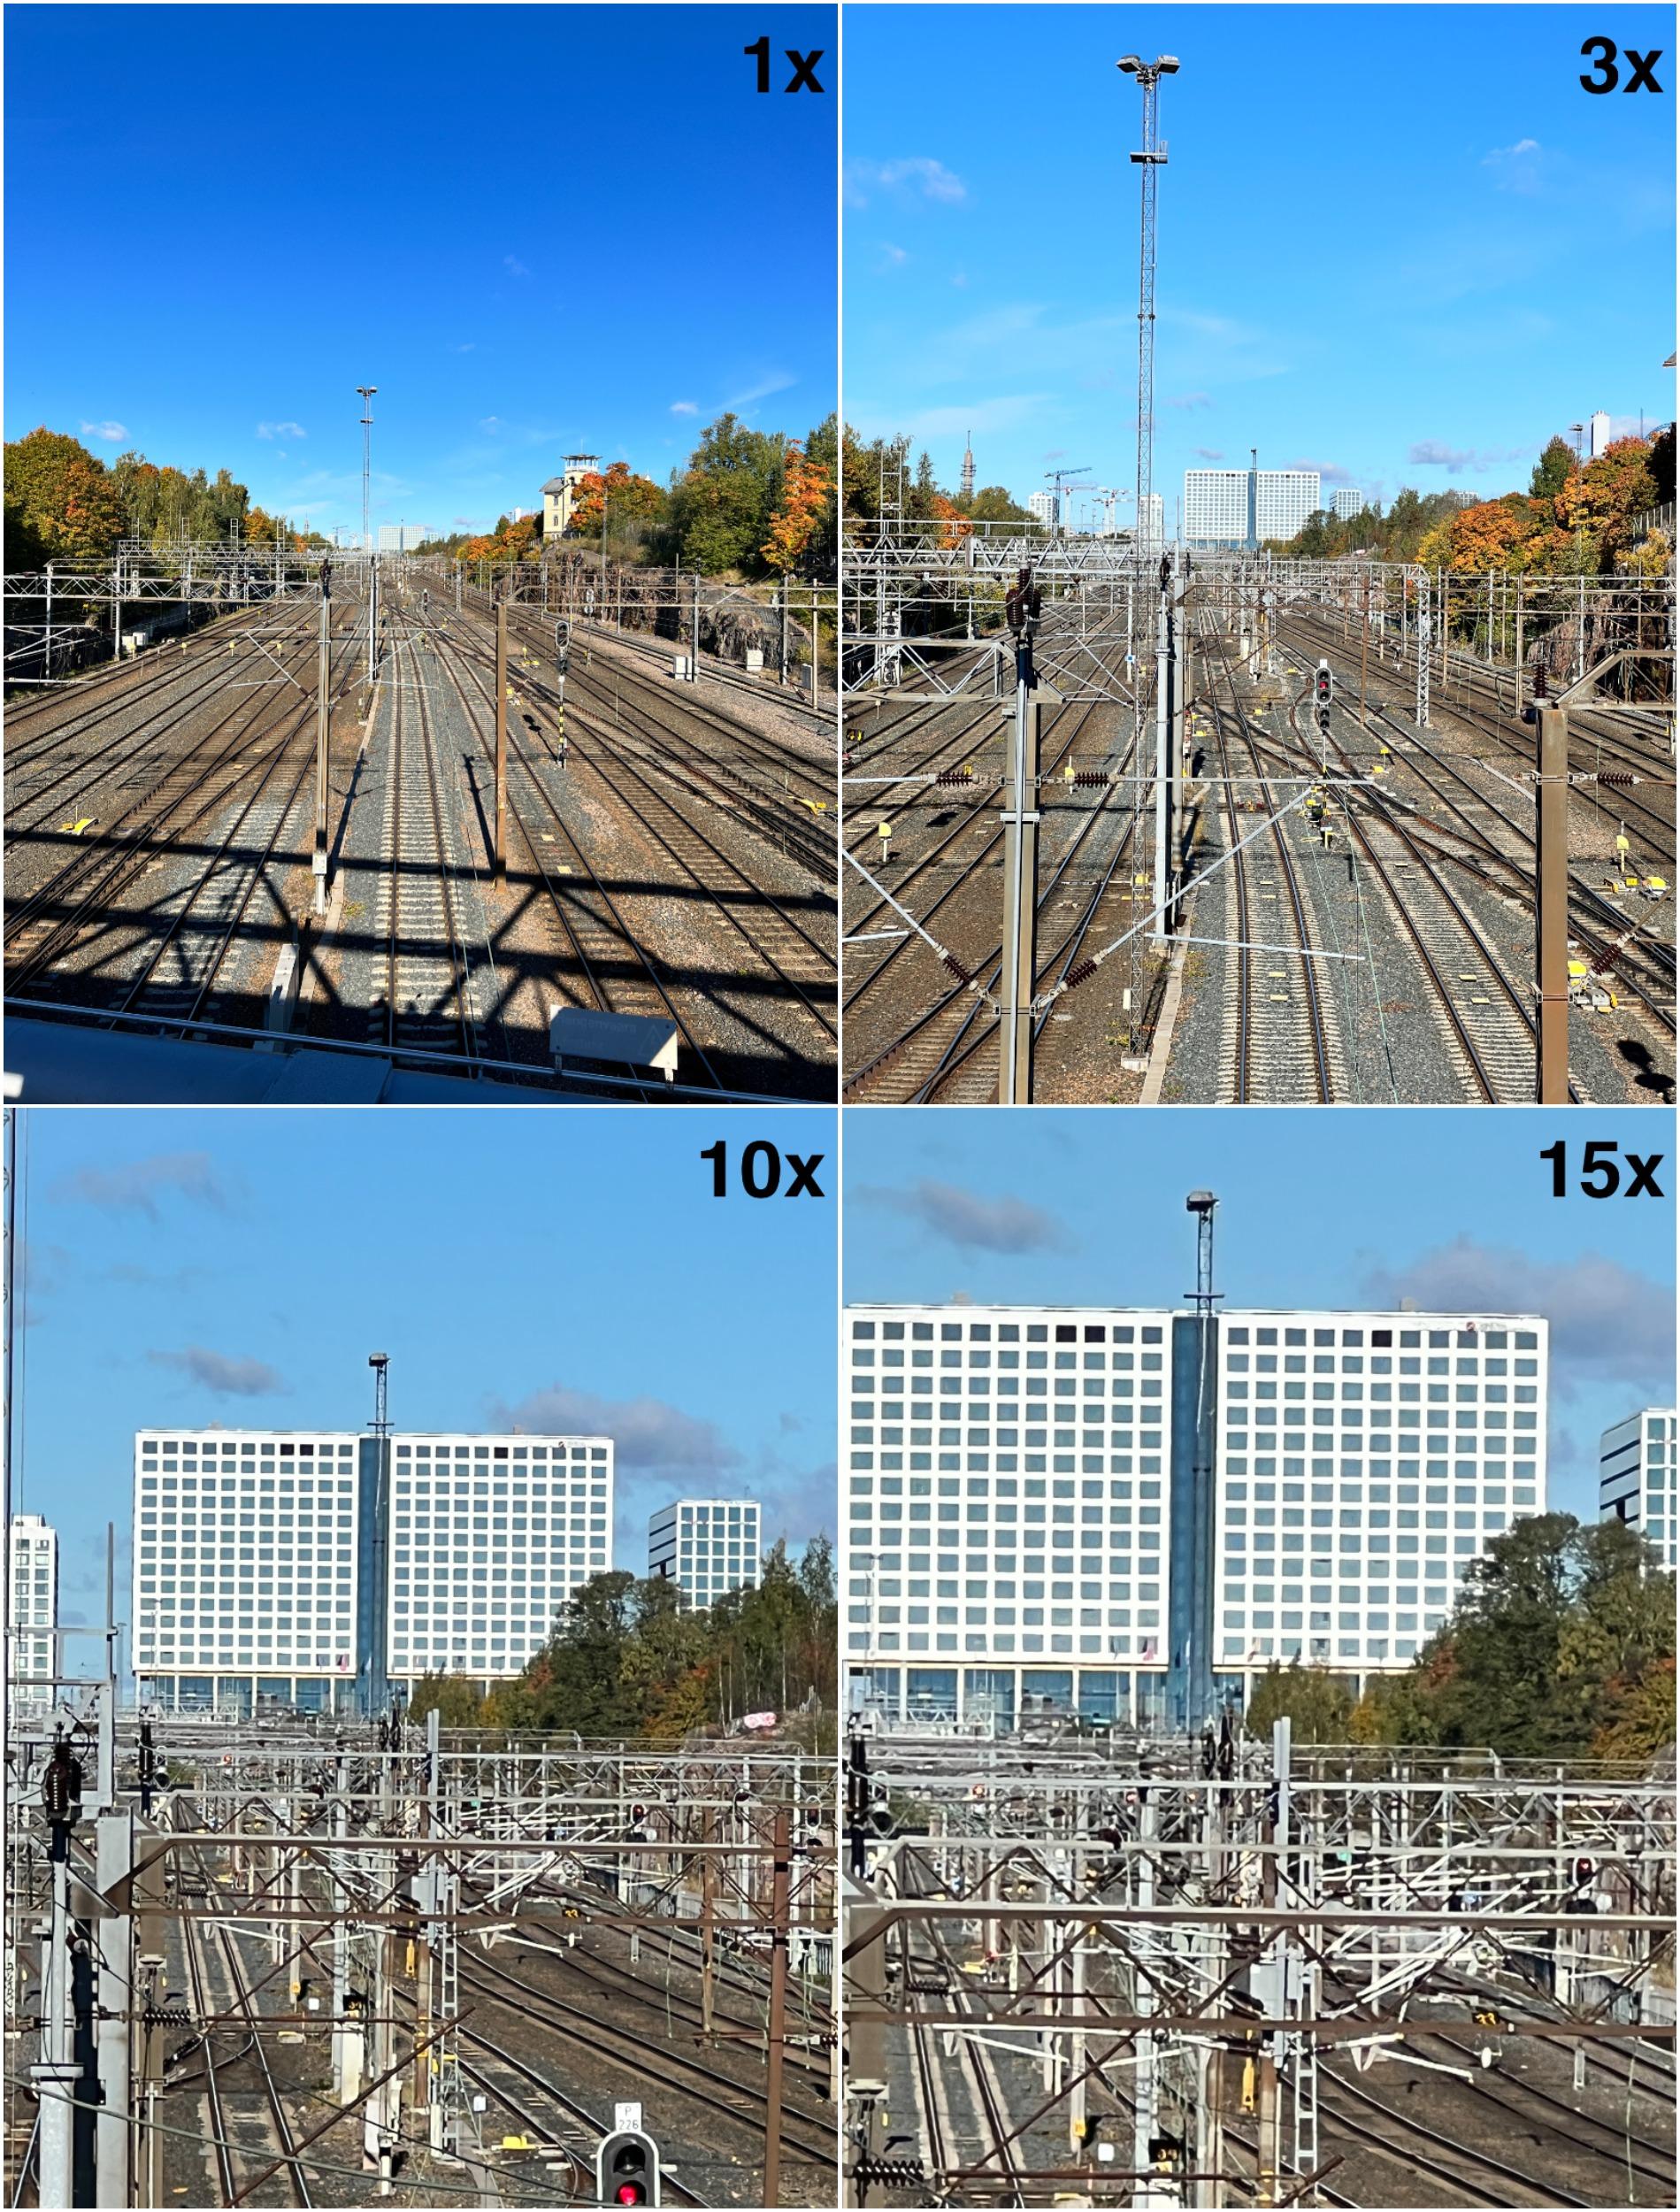 1x, 3x, 10x ja 15x iPhone 13 Prolla. 1x pääkameralla, 3x telekameralla sekä 10x ja 15x vielä lisäksi digitaalisella zoomauksella kuvatessa.